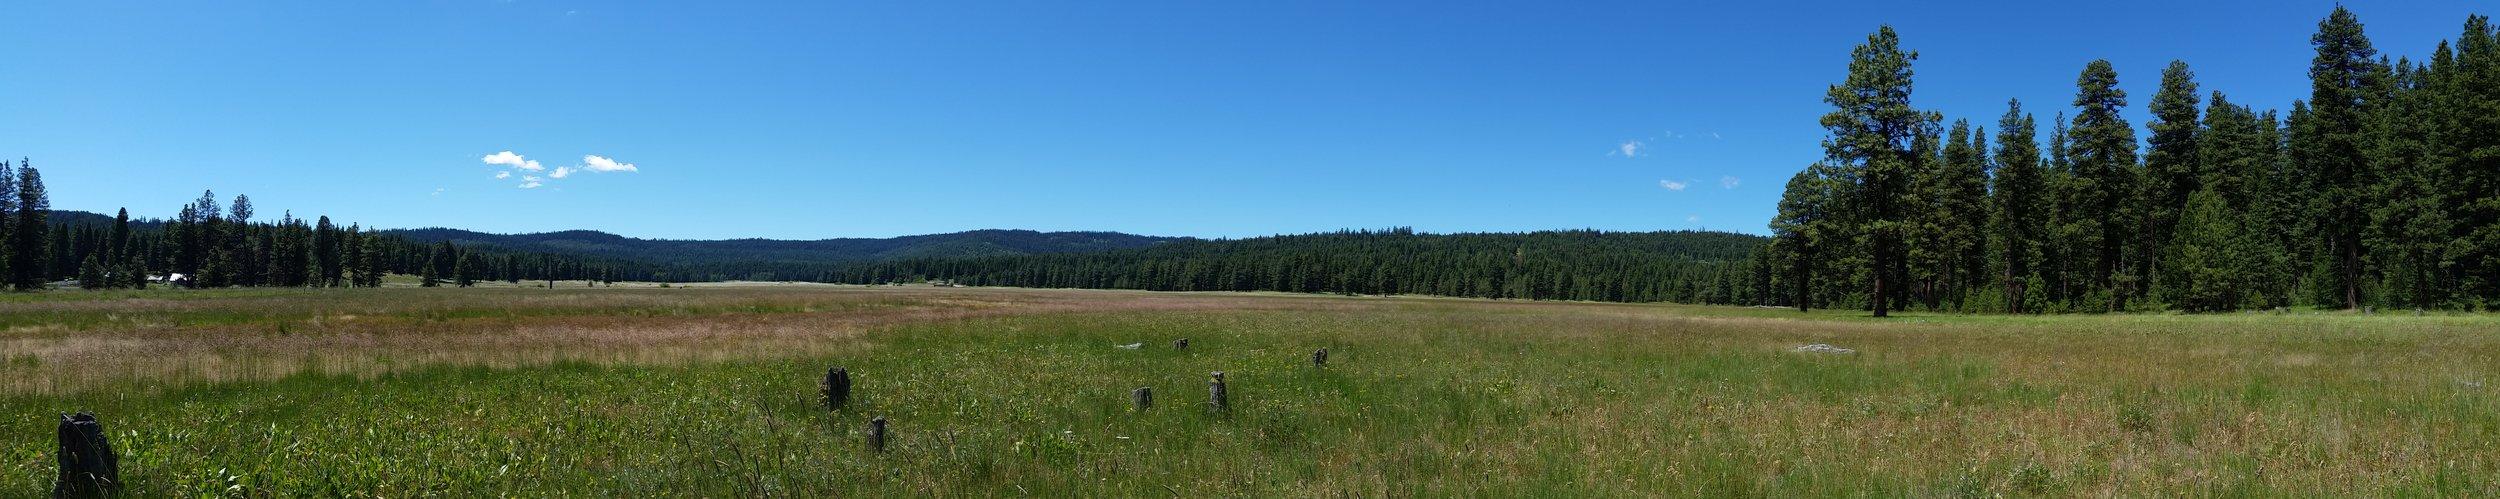 Vesper-Meadow-visit-nature-trail-hike-workshops